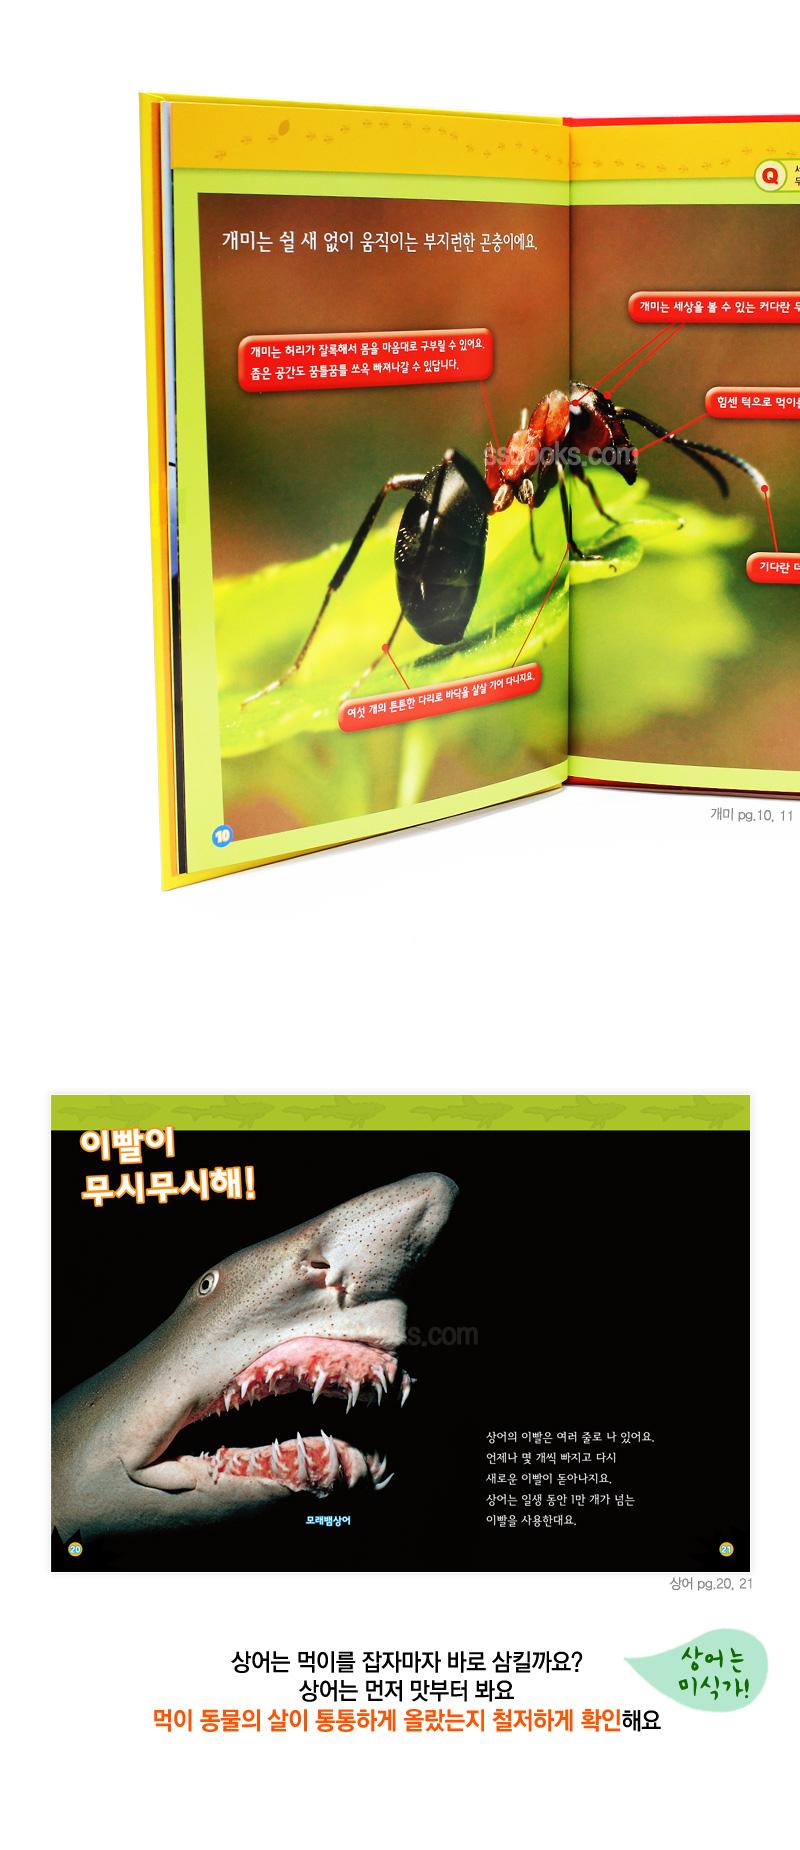 삼성출판사 NEW 내셔널 지오그래픽 키즈30권